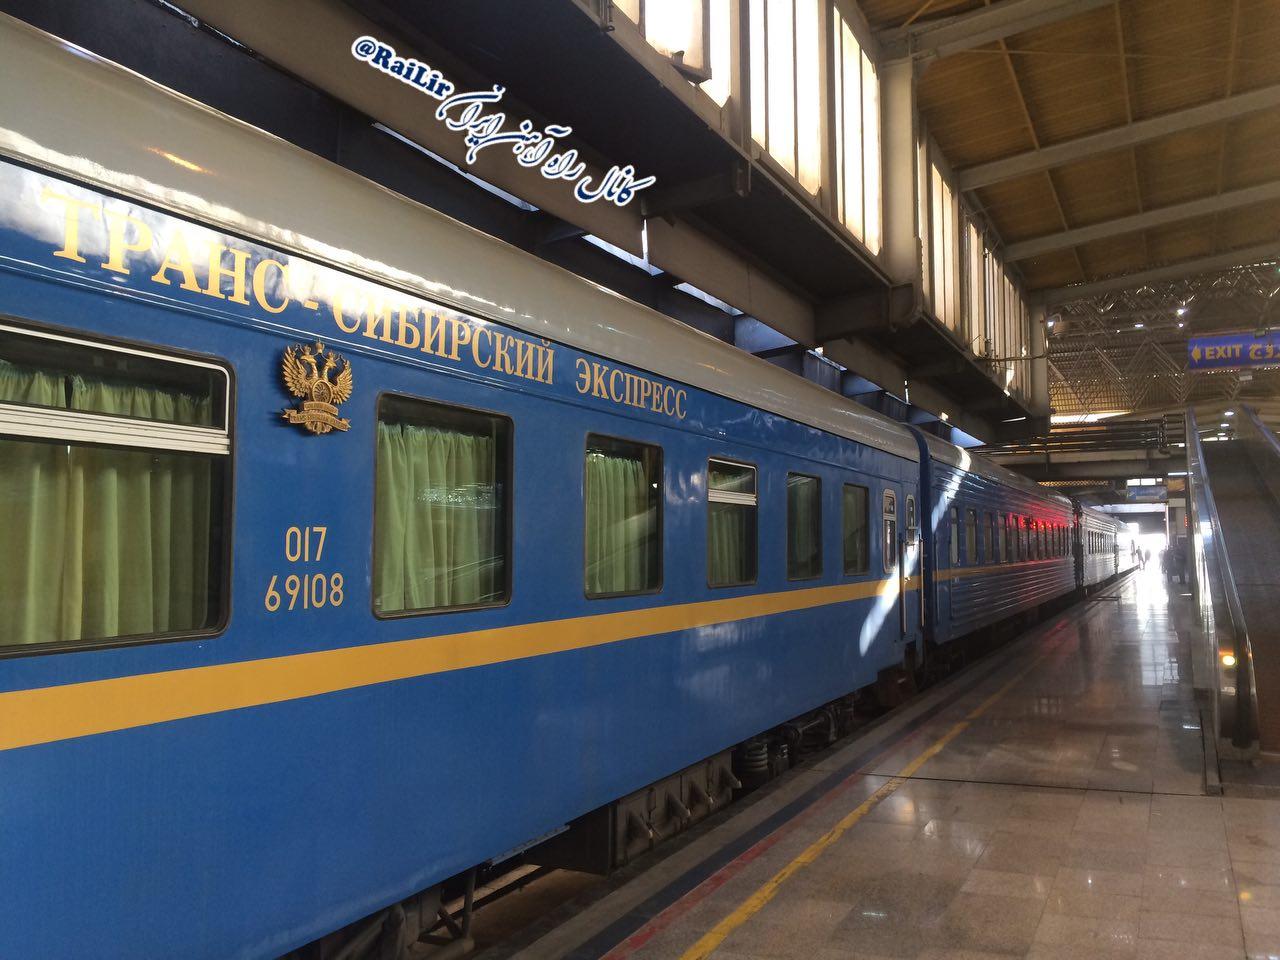 ورود بیست و چهارمین قطار گردشگری بینالمللی به ایران